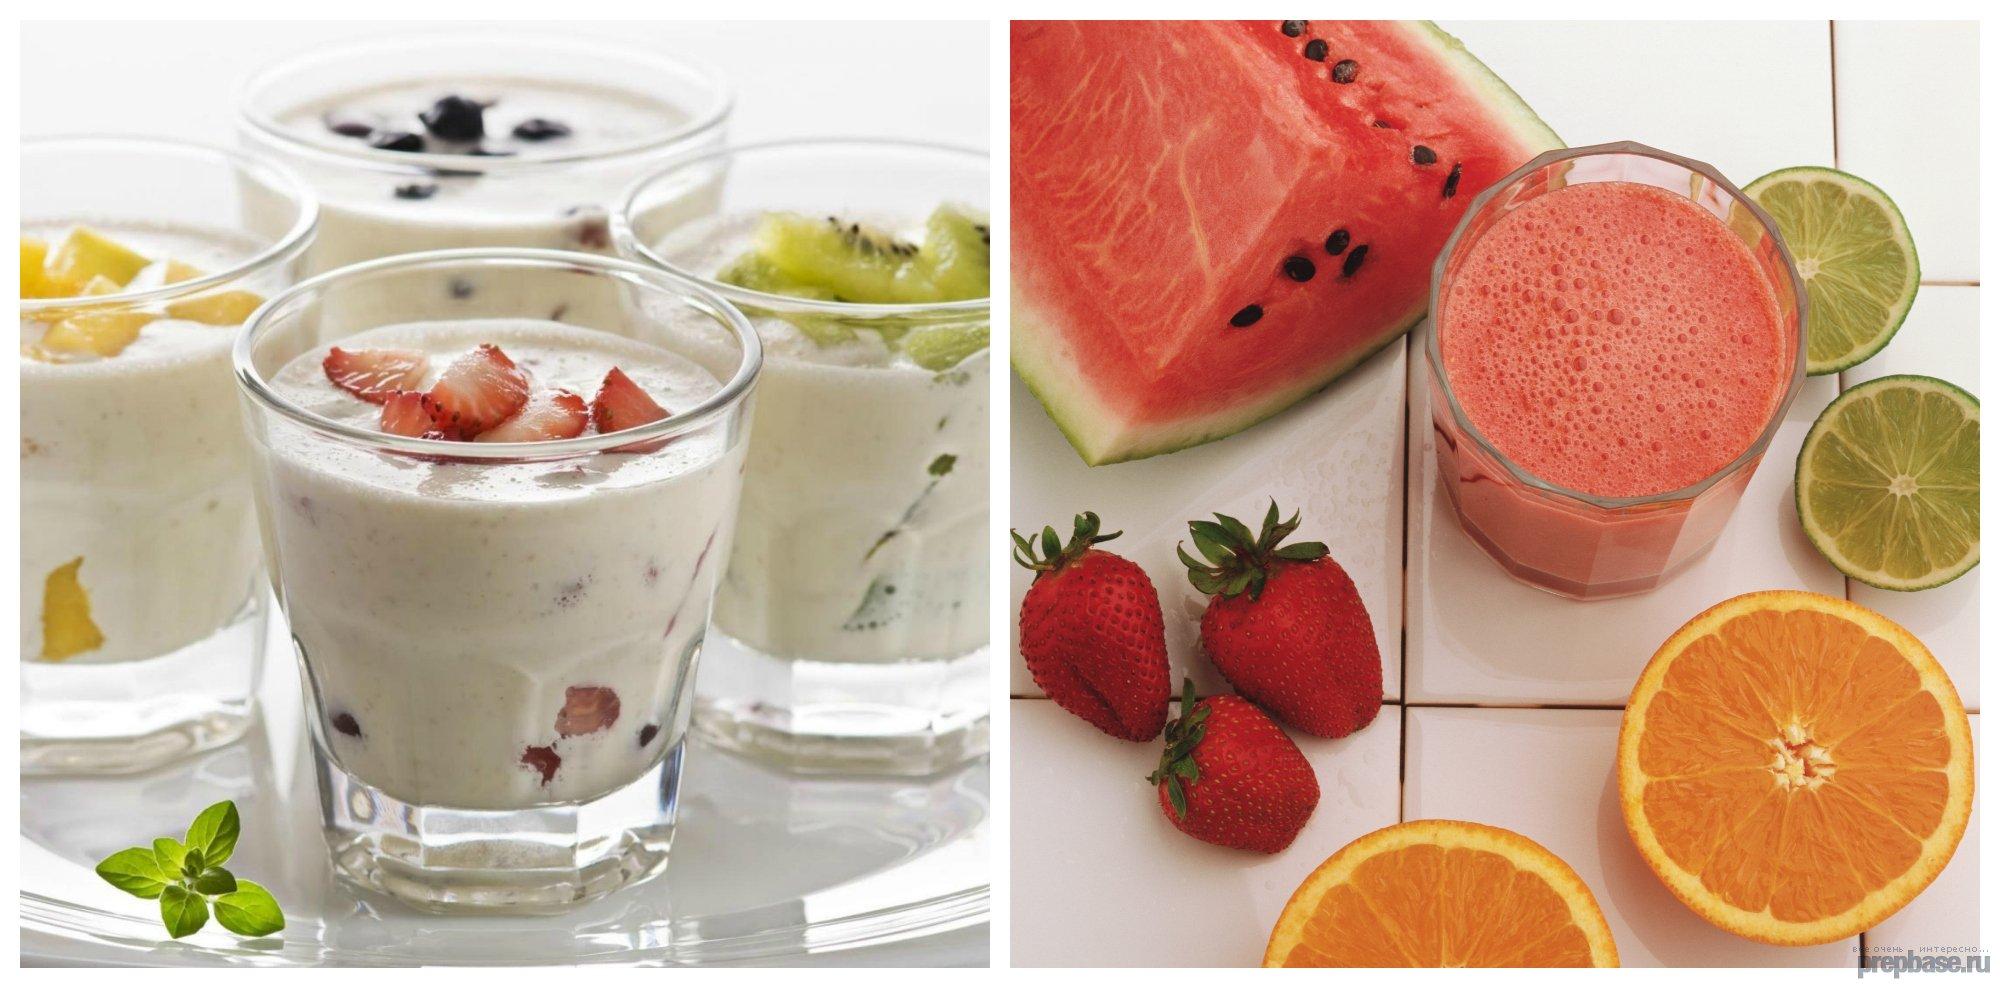 Рецепти коктейлі для схуднення в домашніх умовах. Особливості приготування. Правила вживання